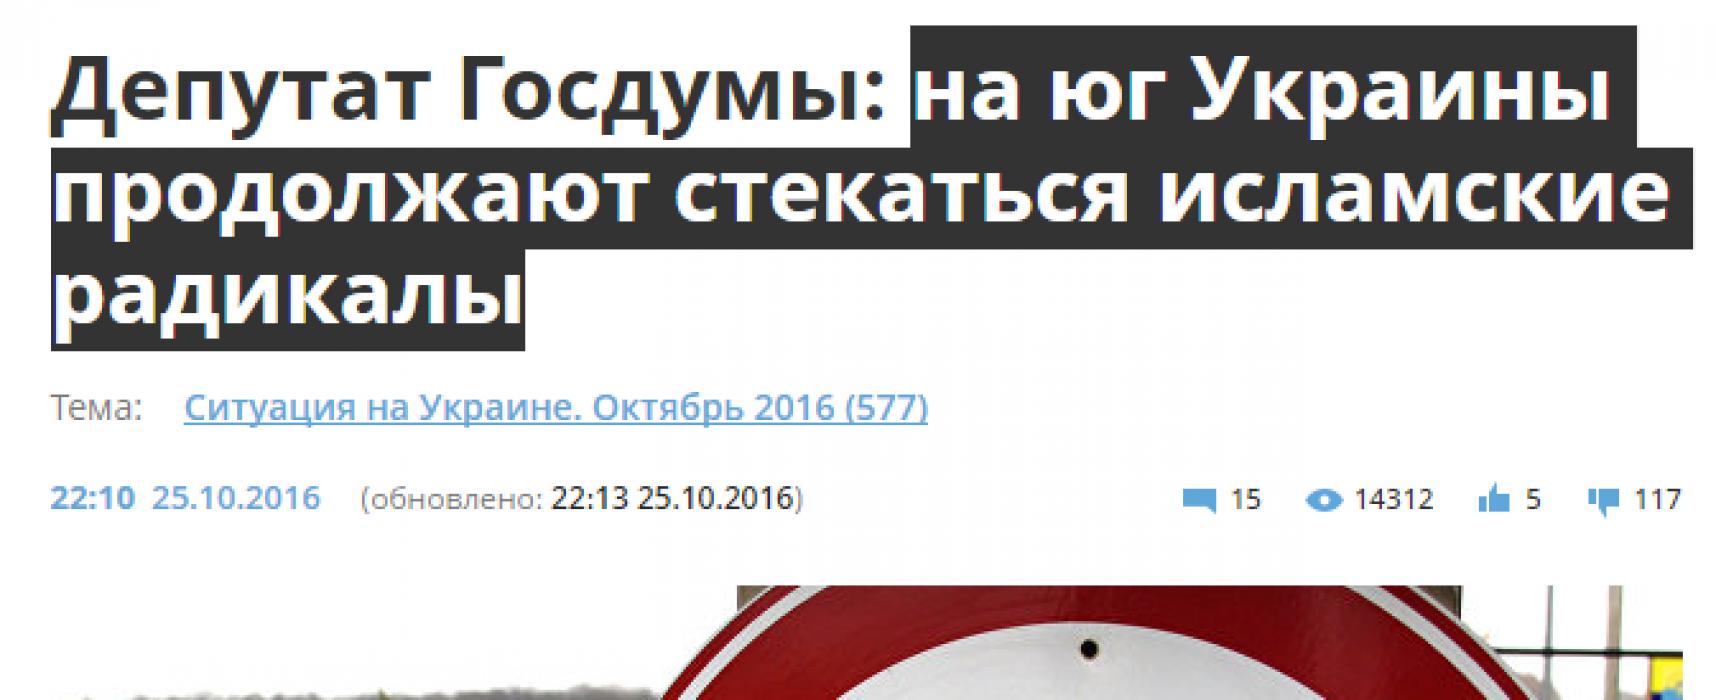 Фейк: На юг Украины стекаются исламские радикалы